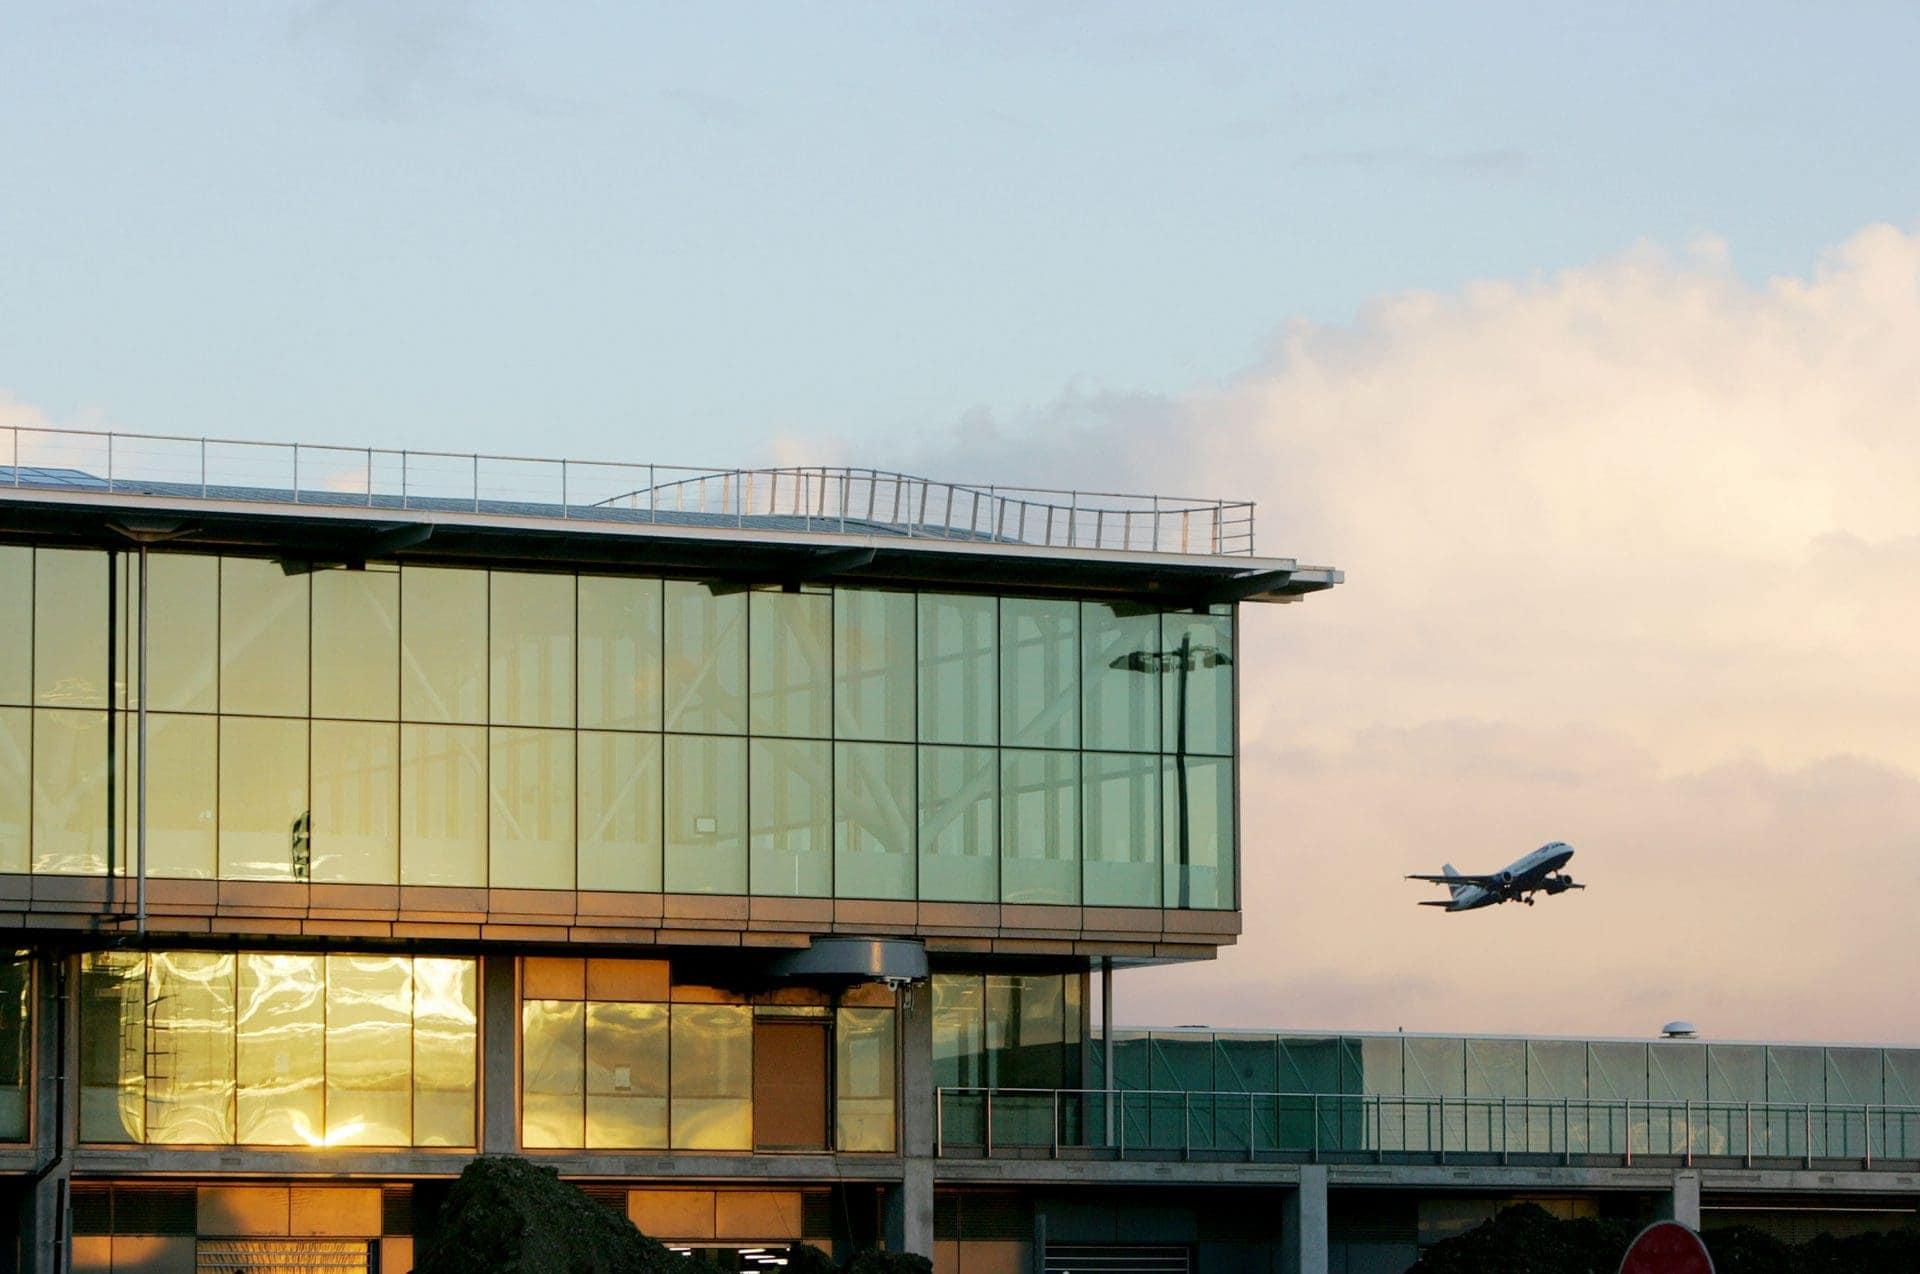 resultados Aeropuerto de Heathrow 2016